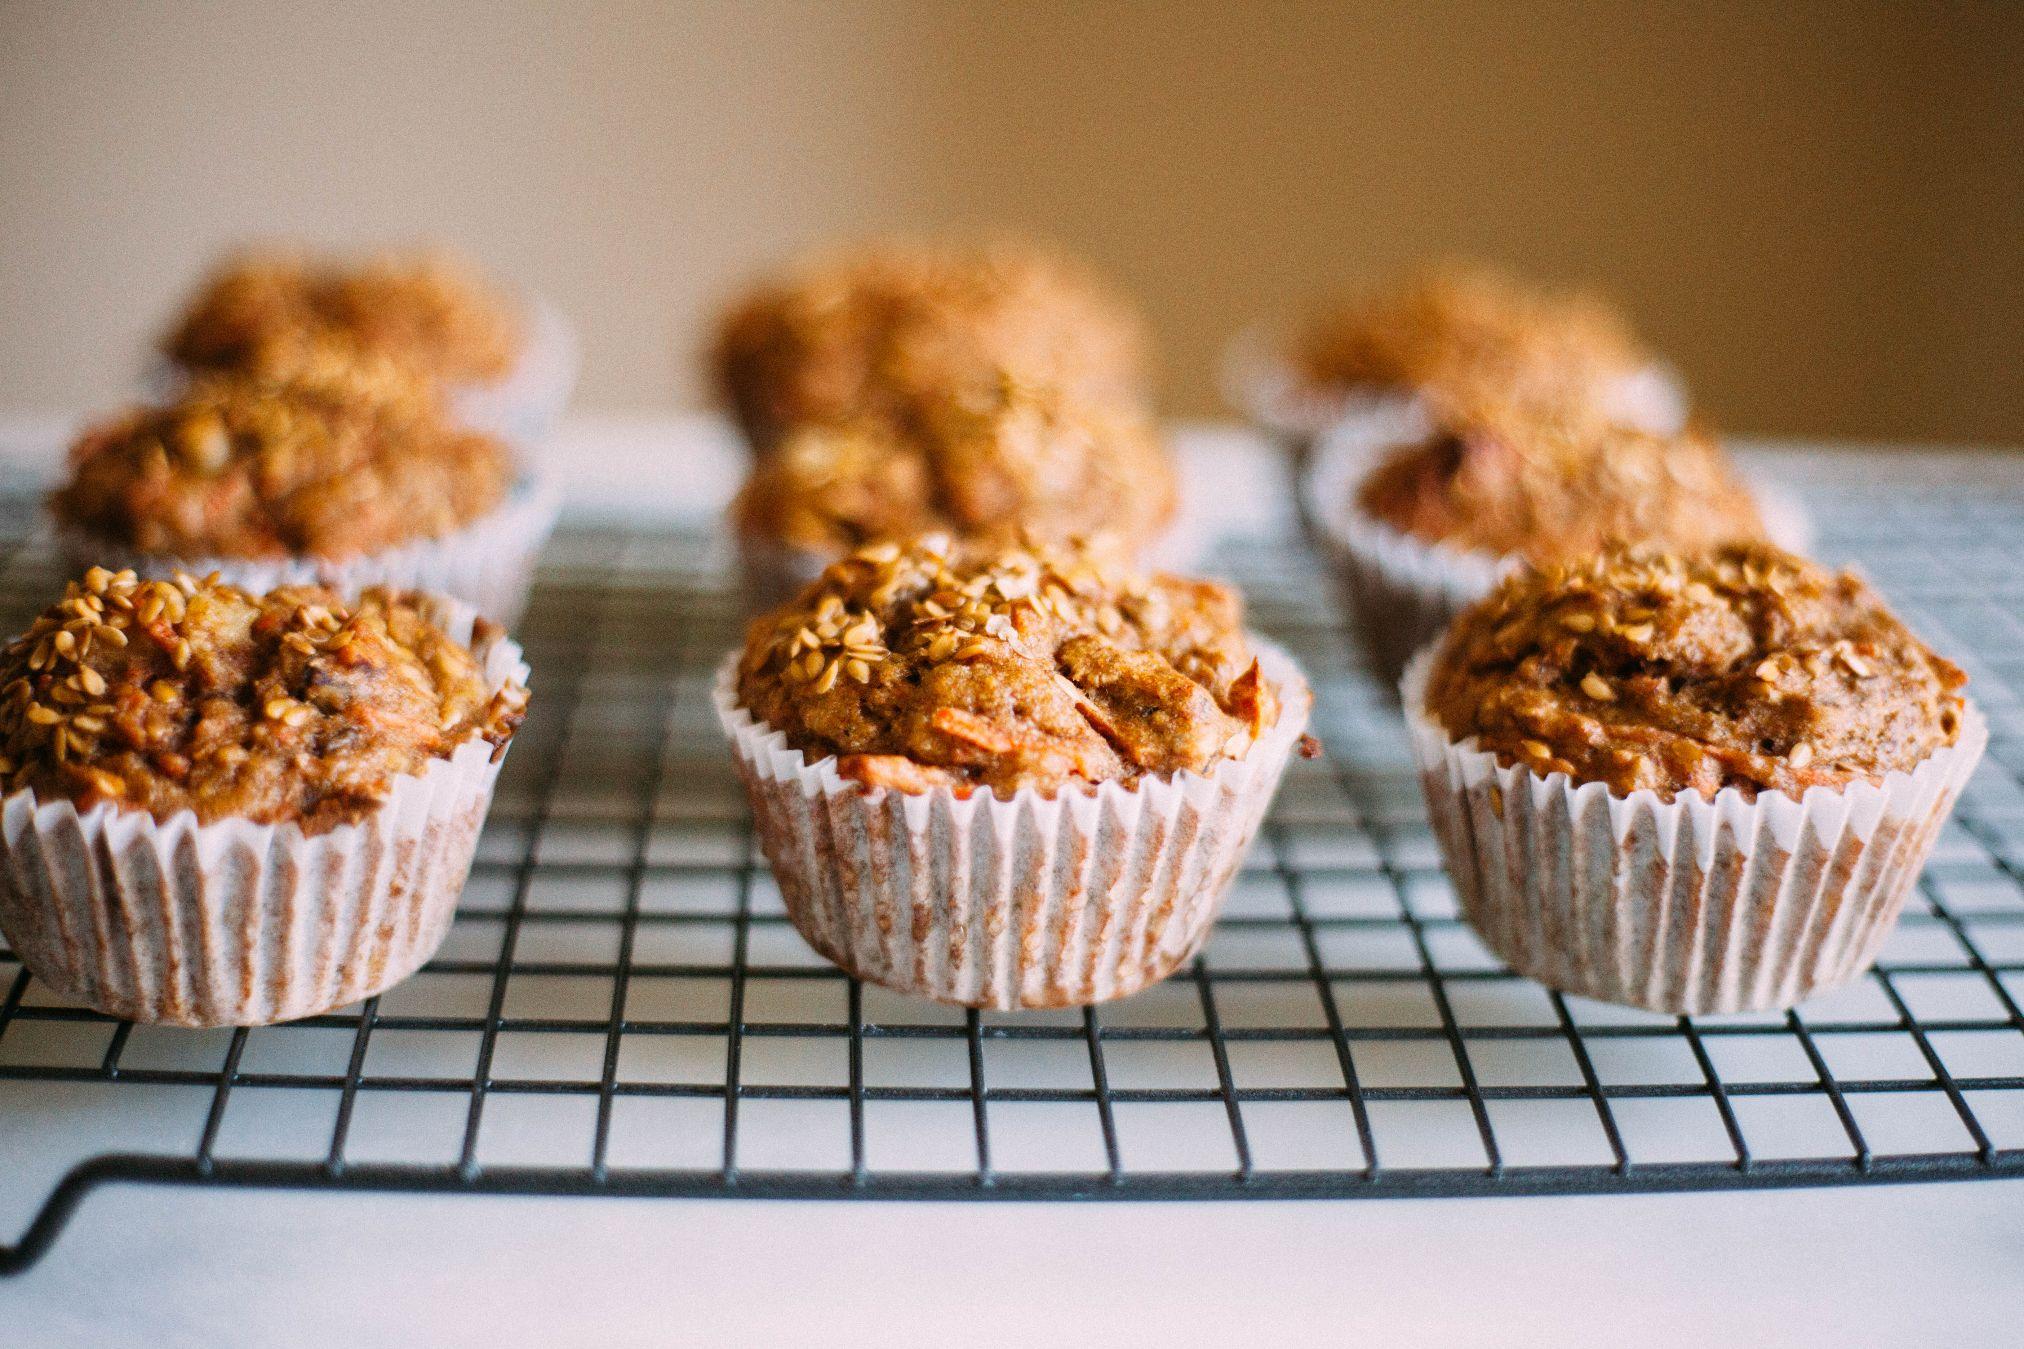 Hippie Muffins - Tastemaker Blog